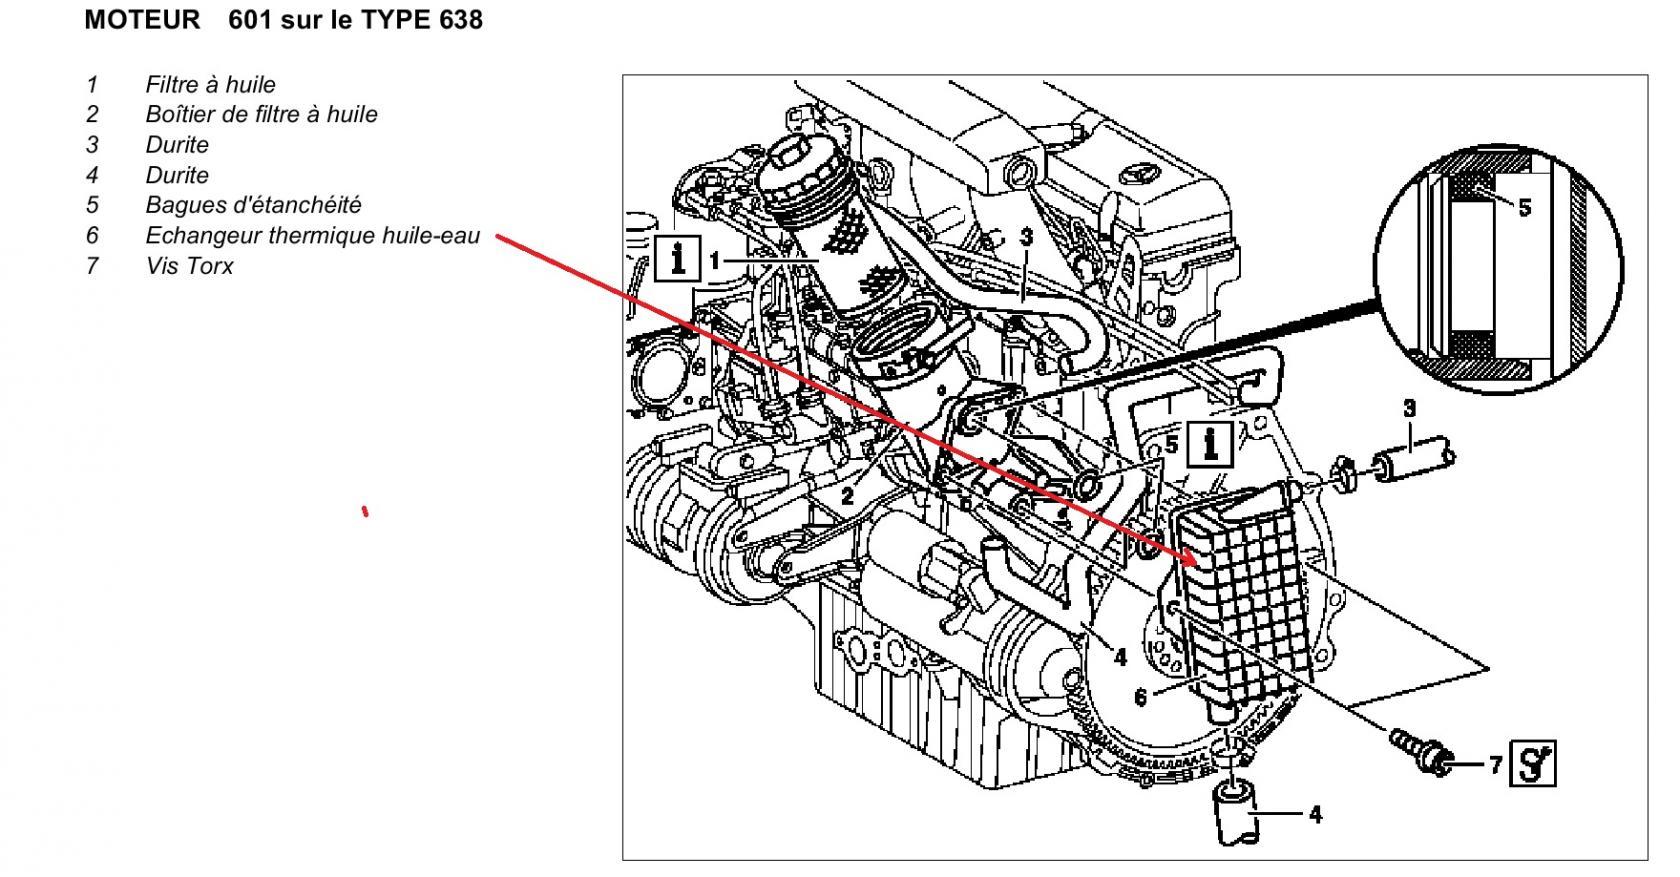 Echangeur-thermique-huile-eau-VSA63807413108922.jpeg